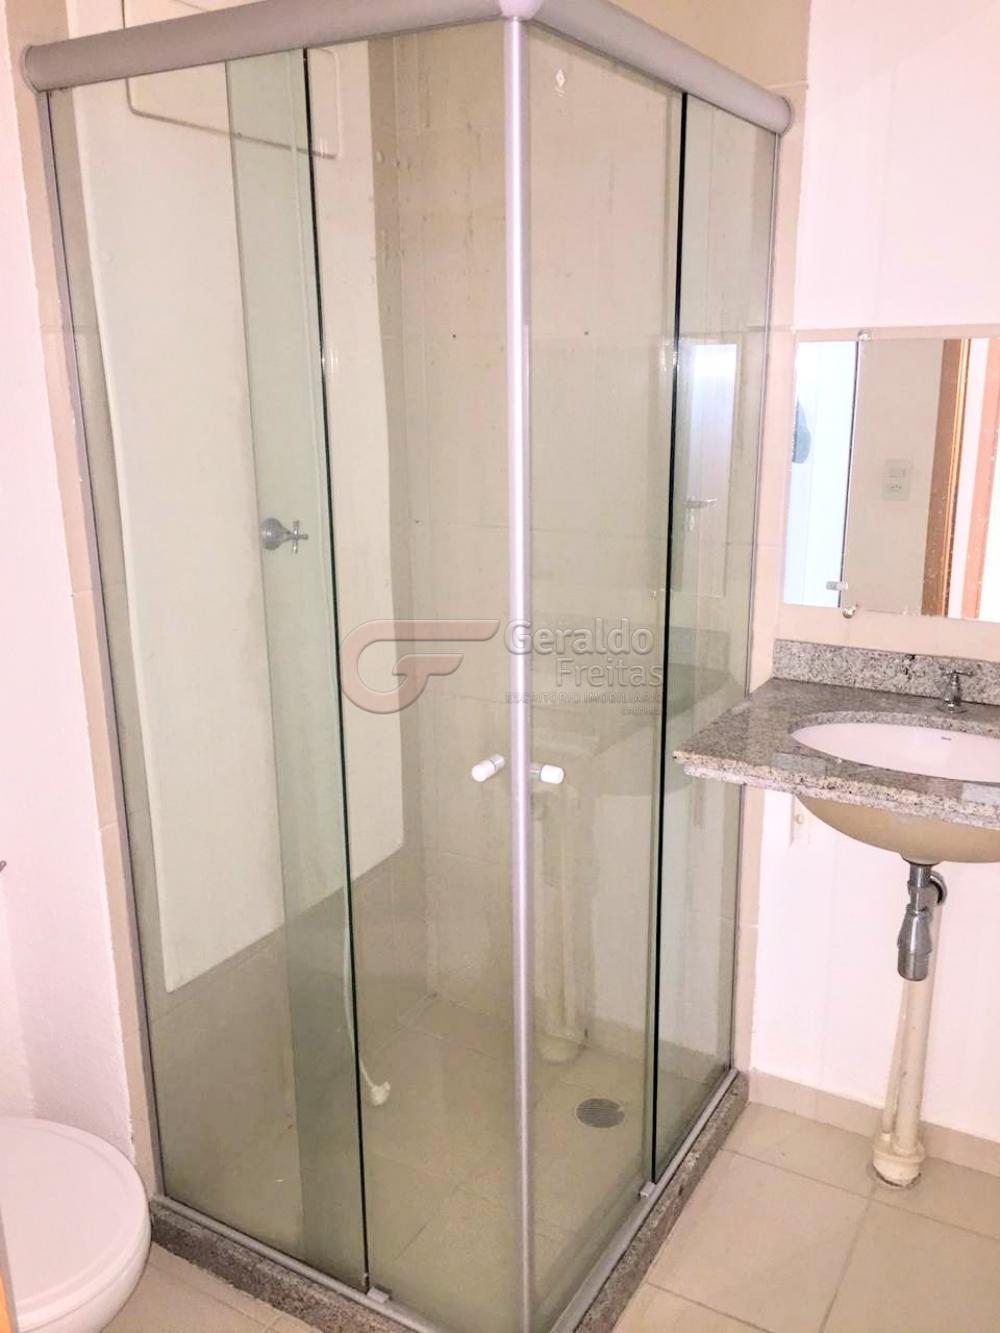 Comprar Apartamentos / Padrão em Maceió apenas R$ 190.000,00 - Foto 6